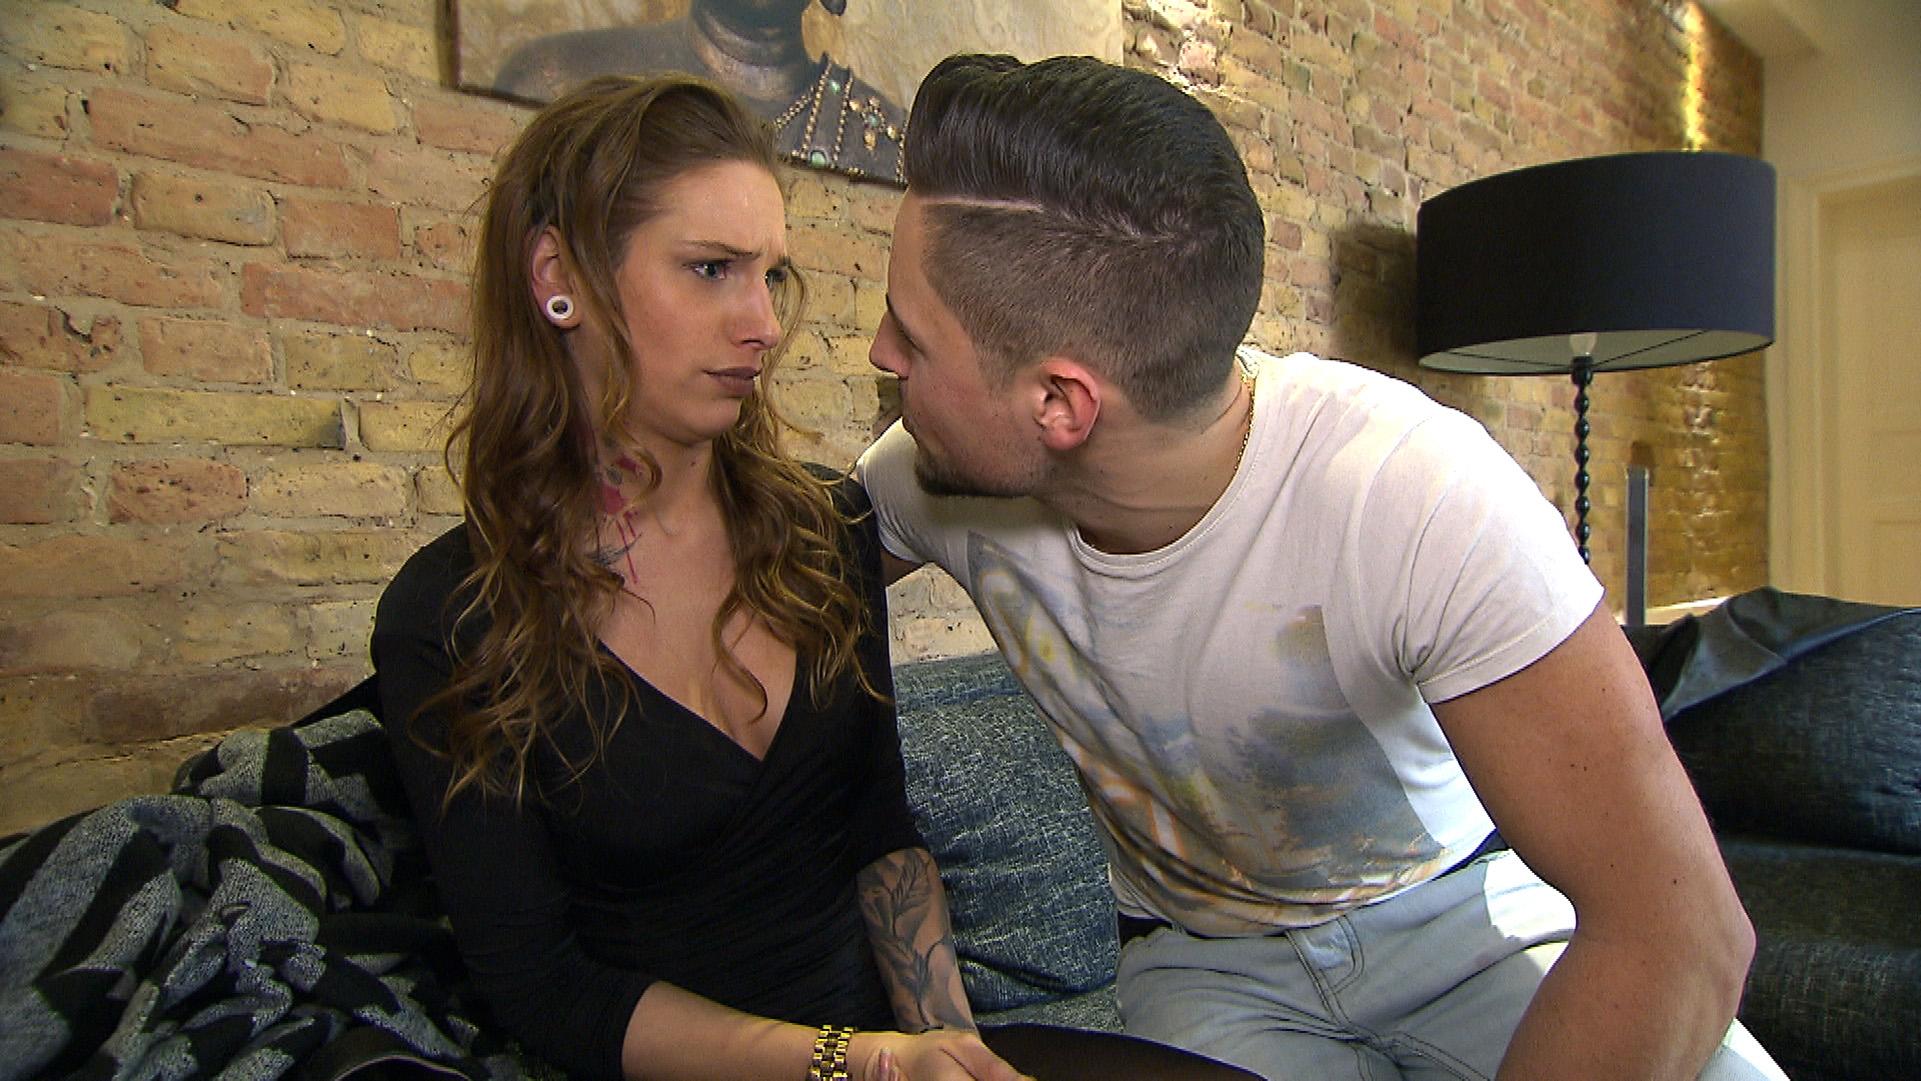 Als sich Milla mit einem der Männer aus der Dating-App trifft, wird ihr jedoch klar, dass sie Caros Rat besser beherzigt hätte. (Quelle: RTL 2)